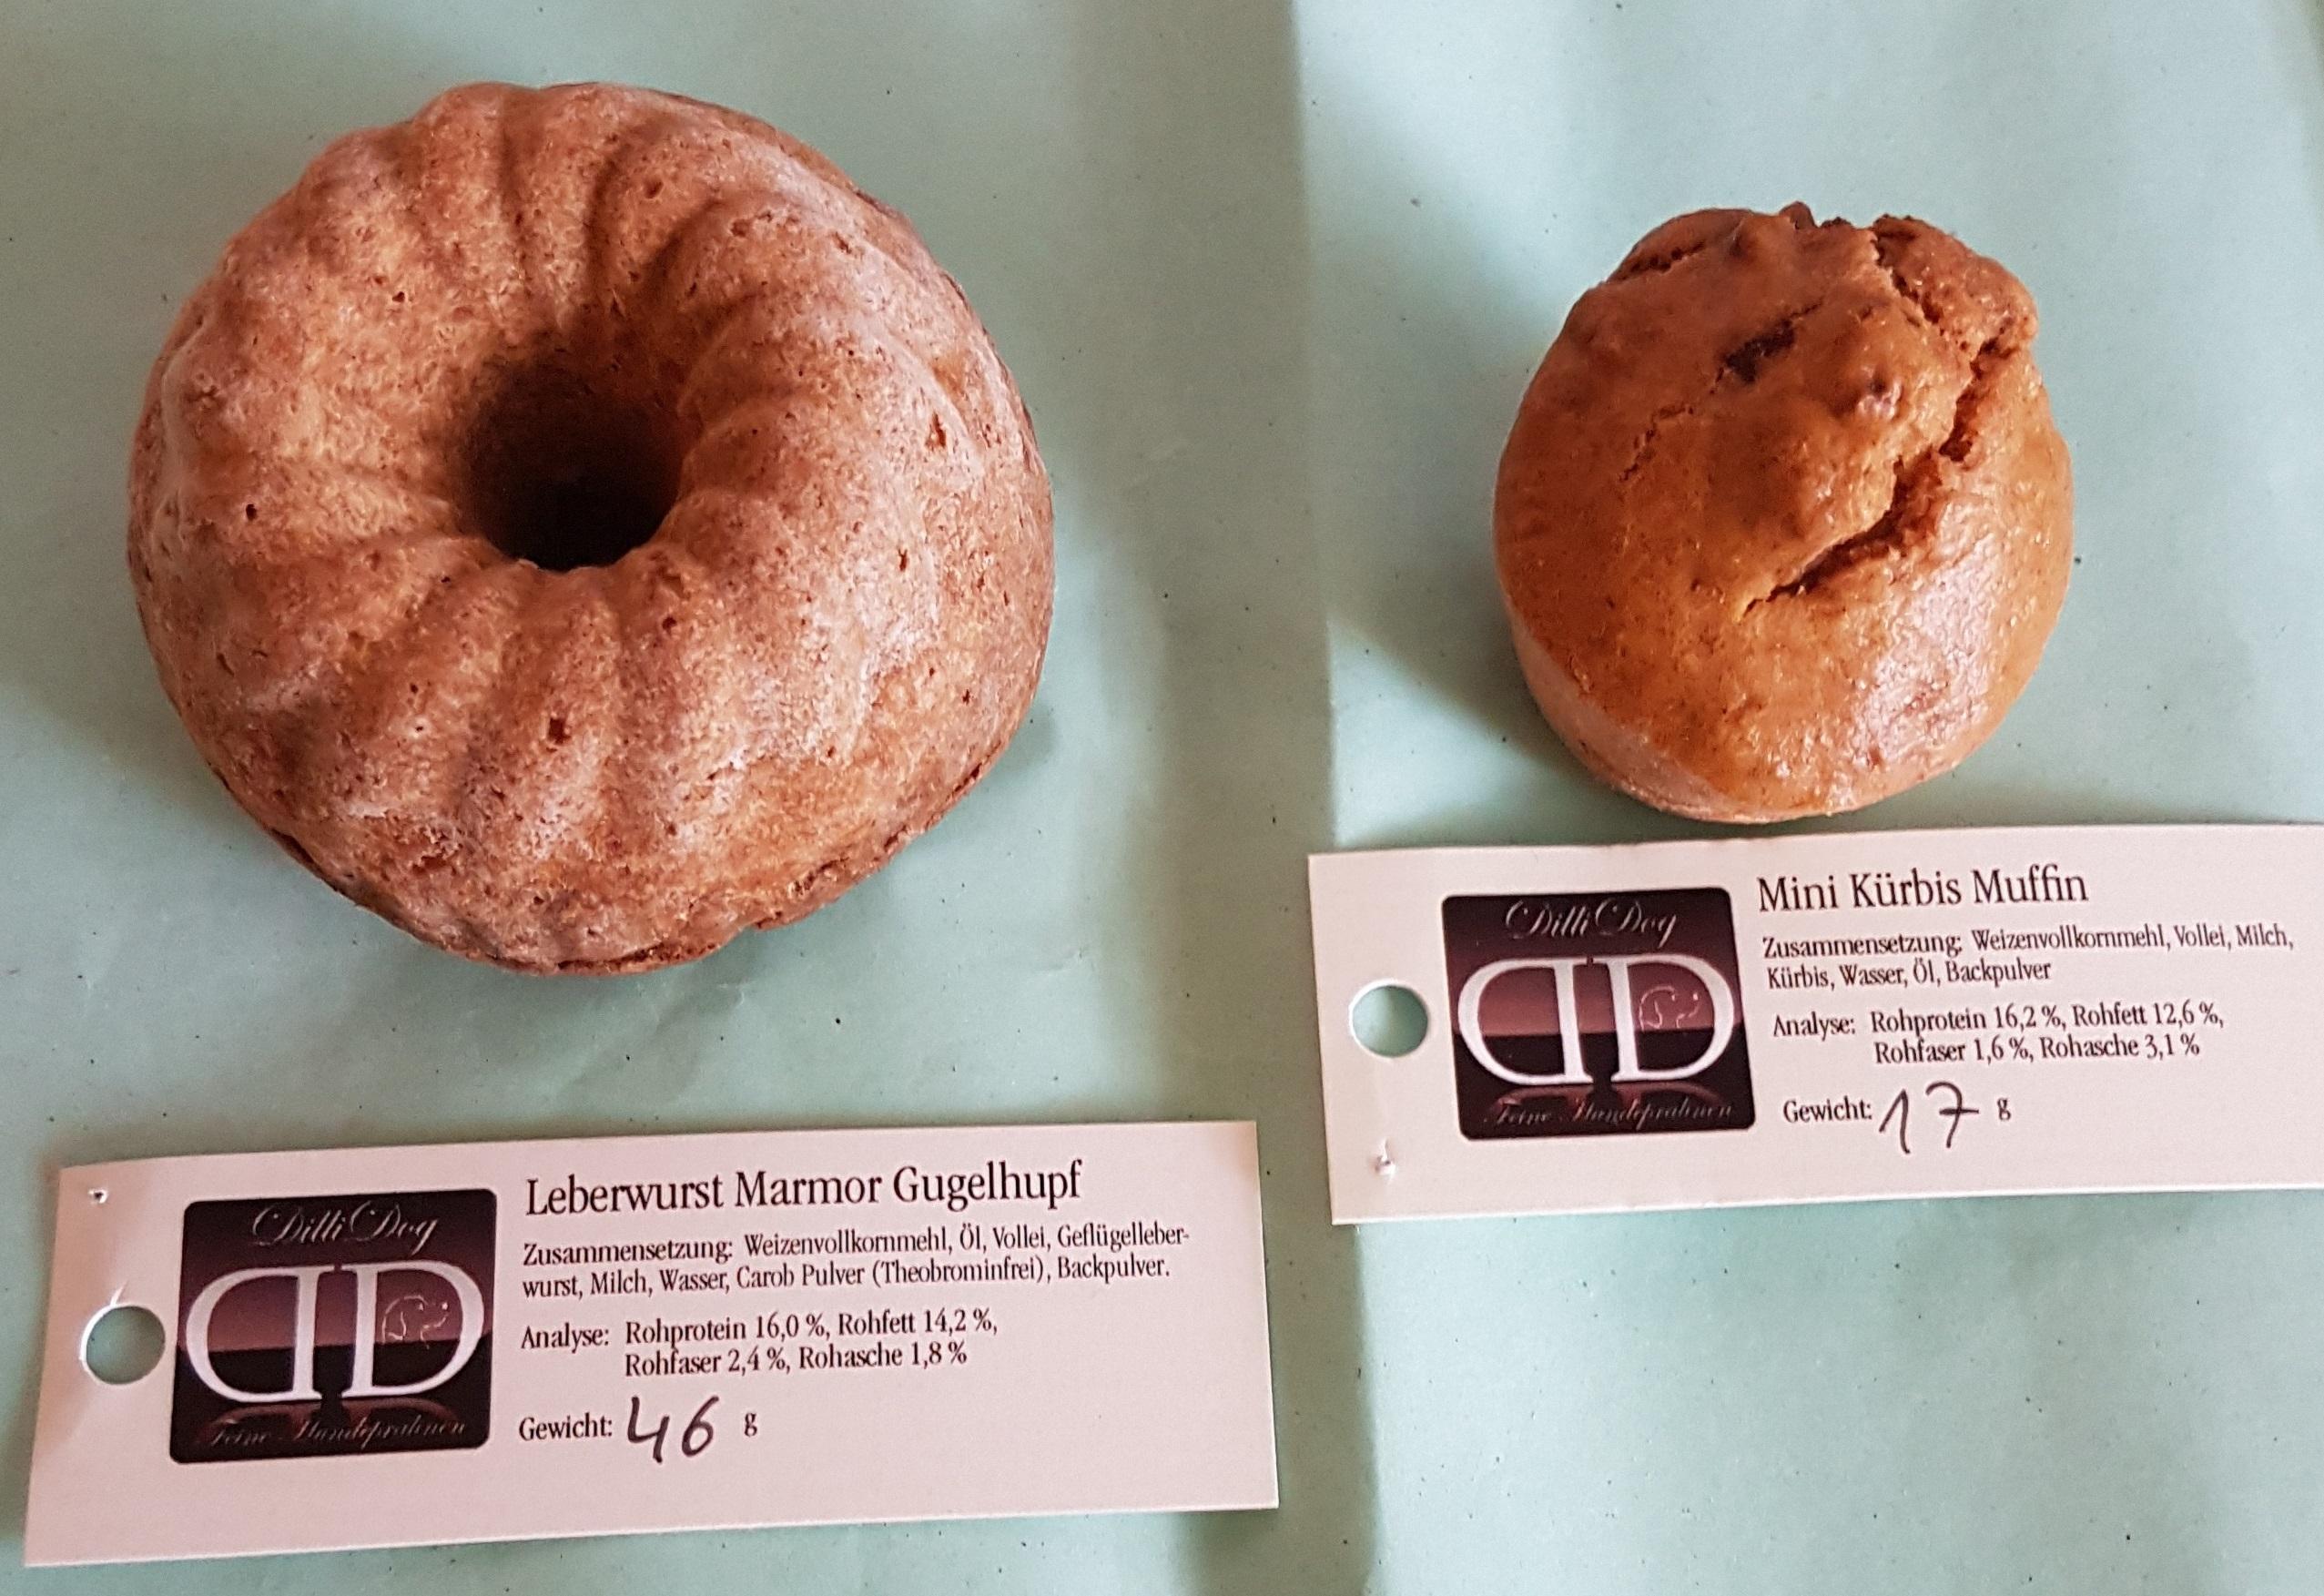 dilli-dog-leberwurst-mamor-gugelhupf-mini-kuerbis-muffin